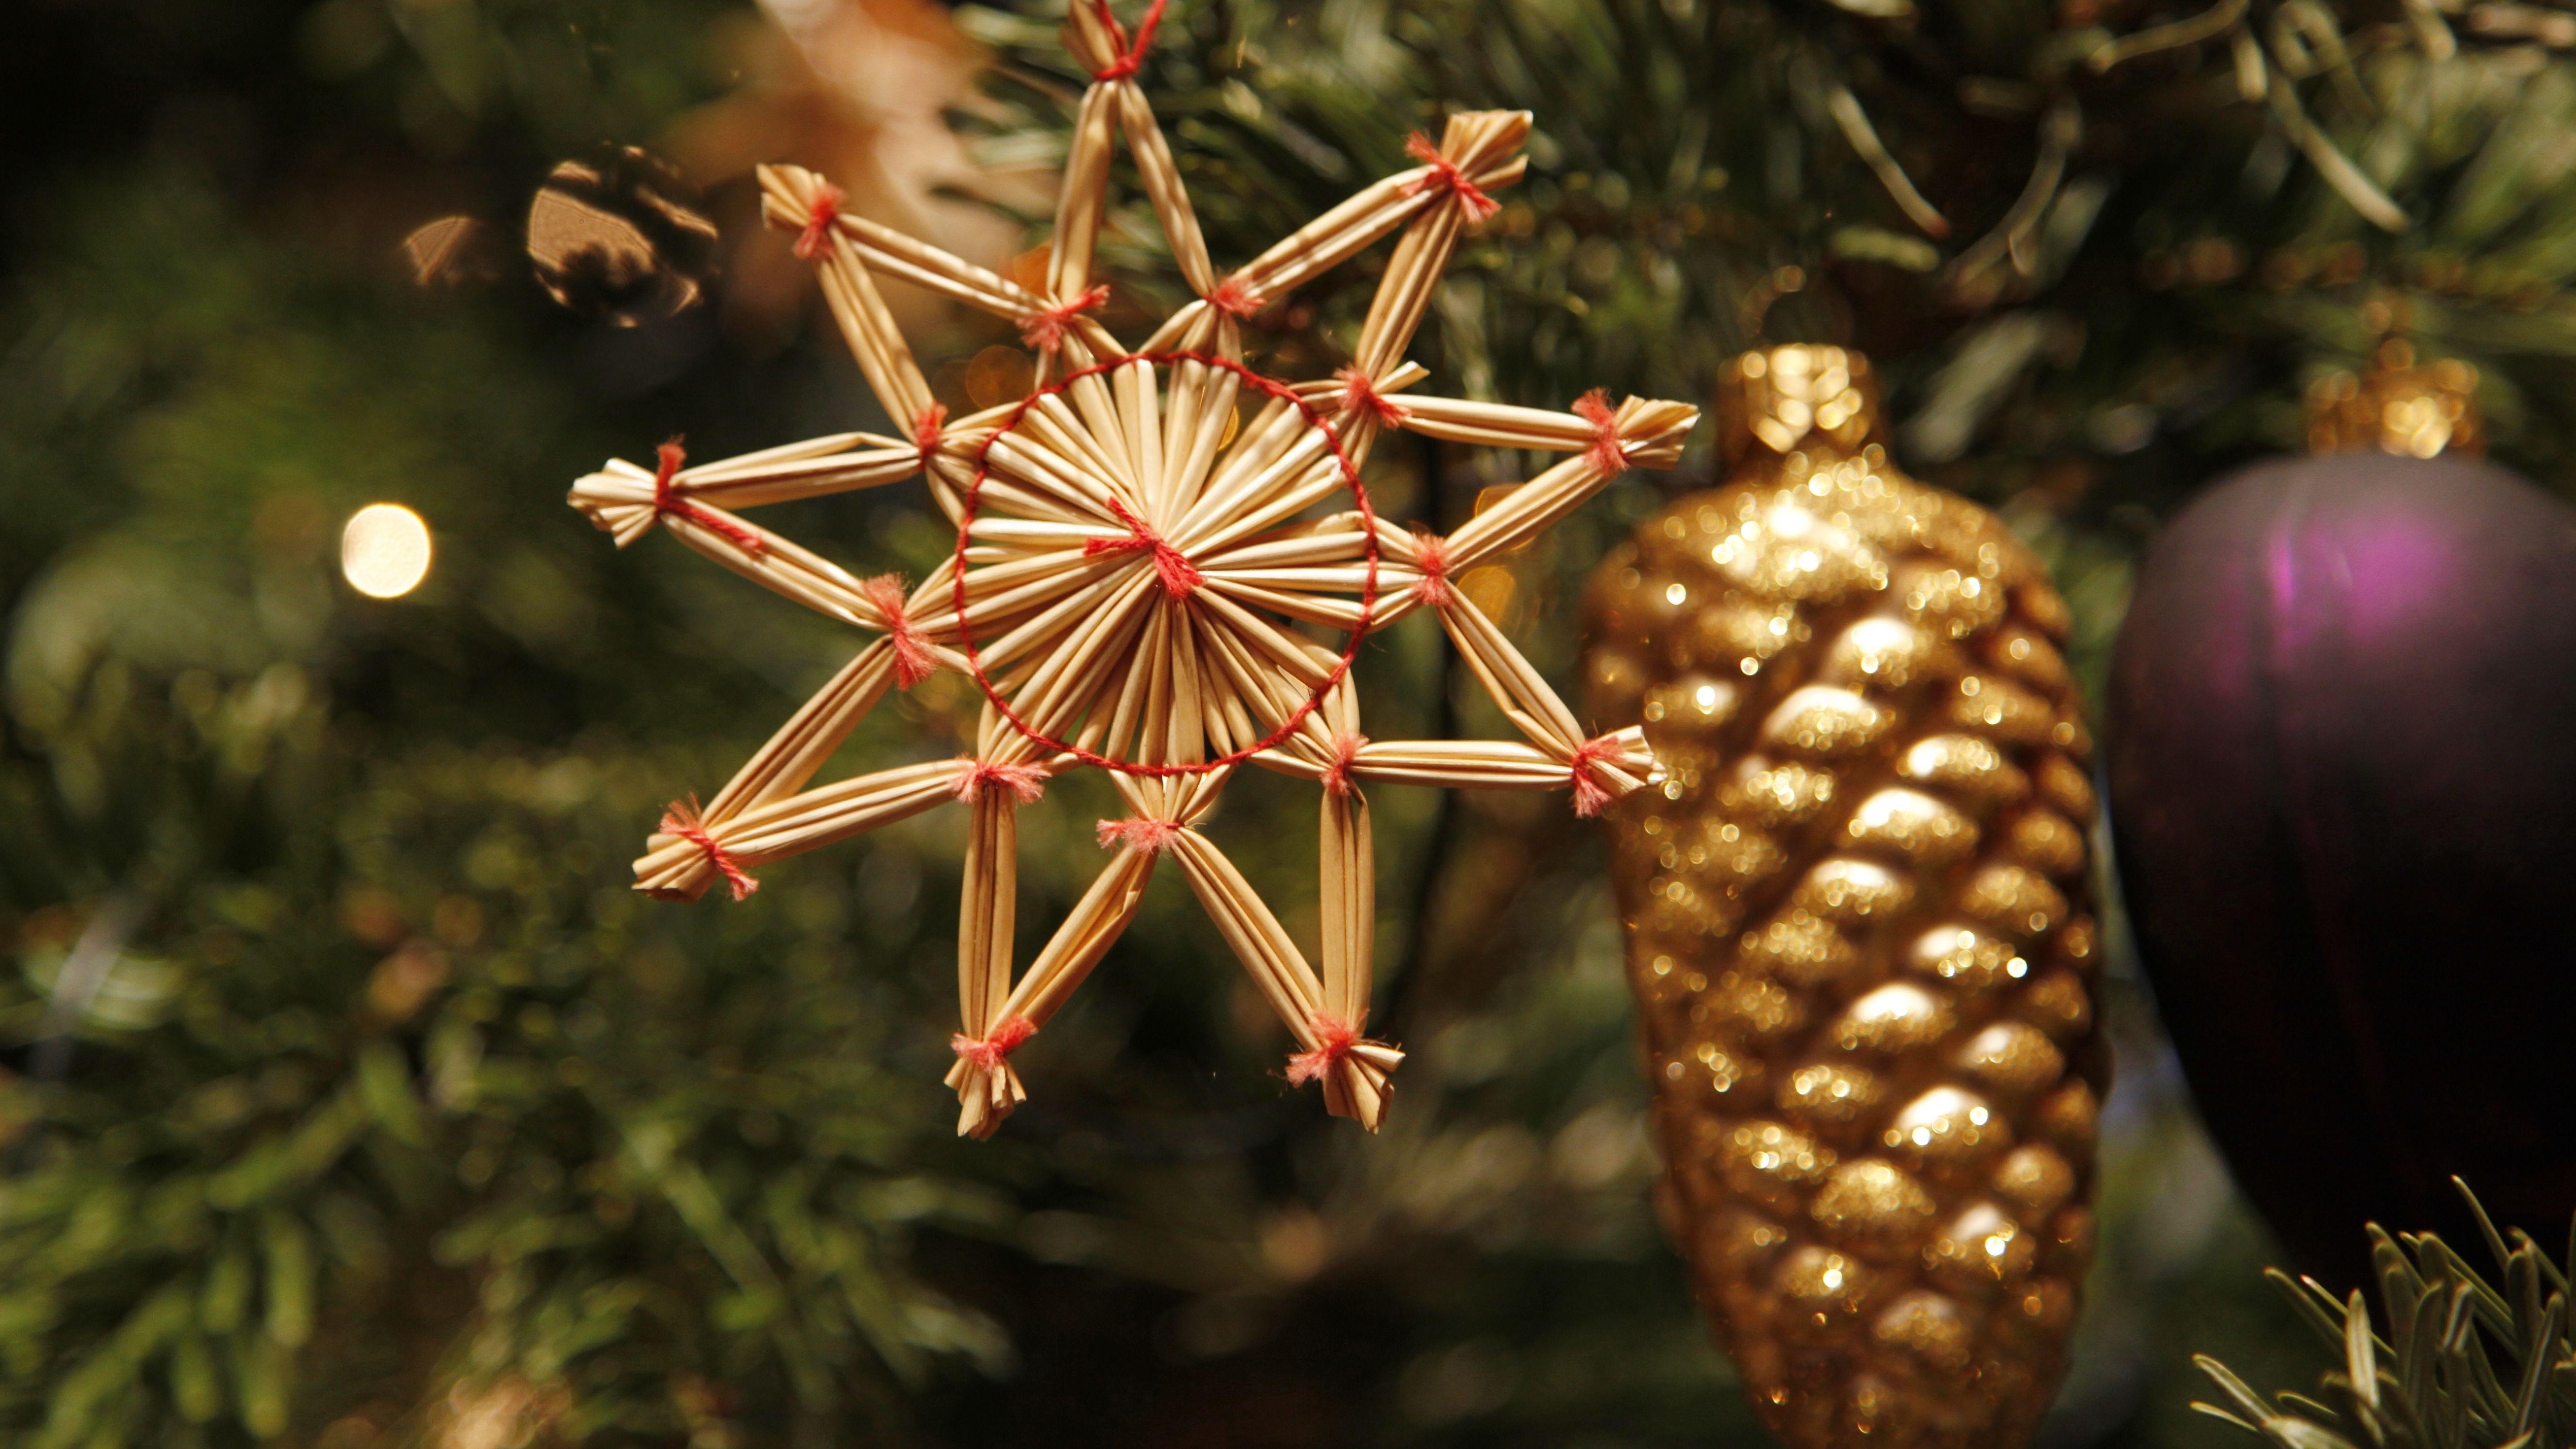 Strohstern am Weihnachtsbaum